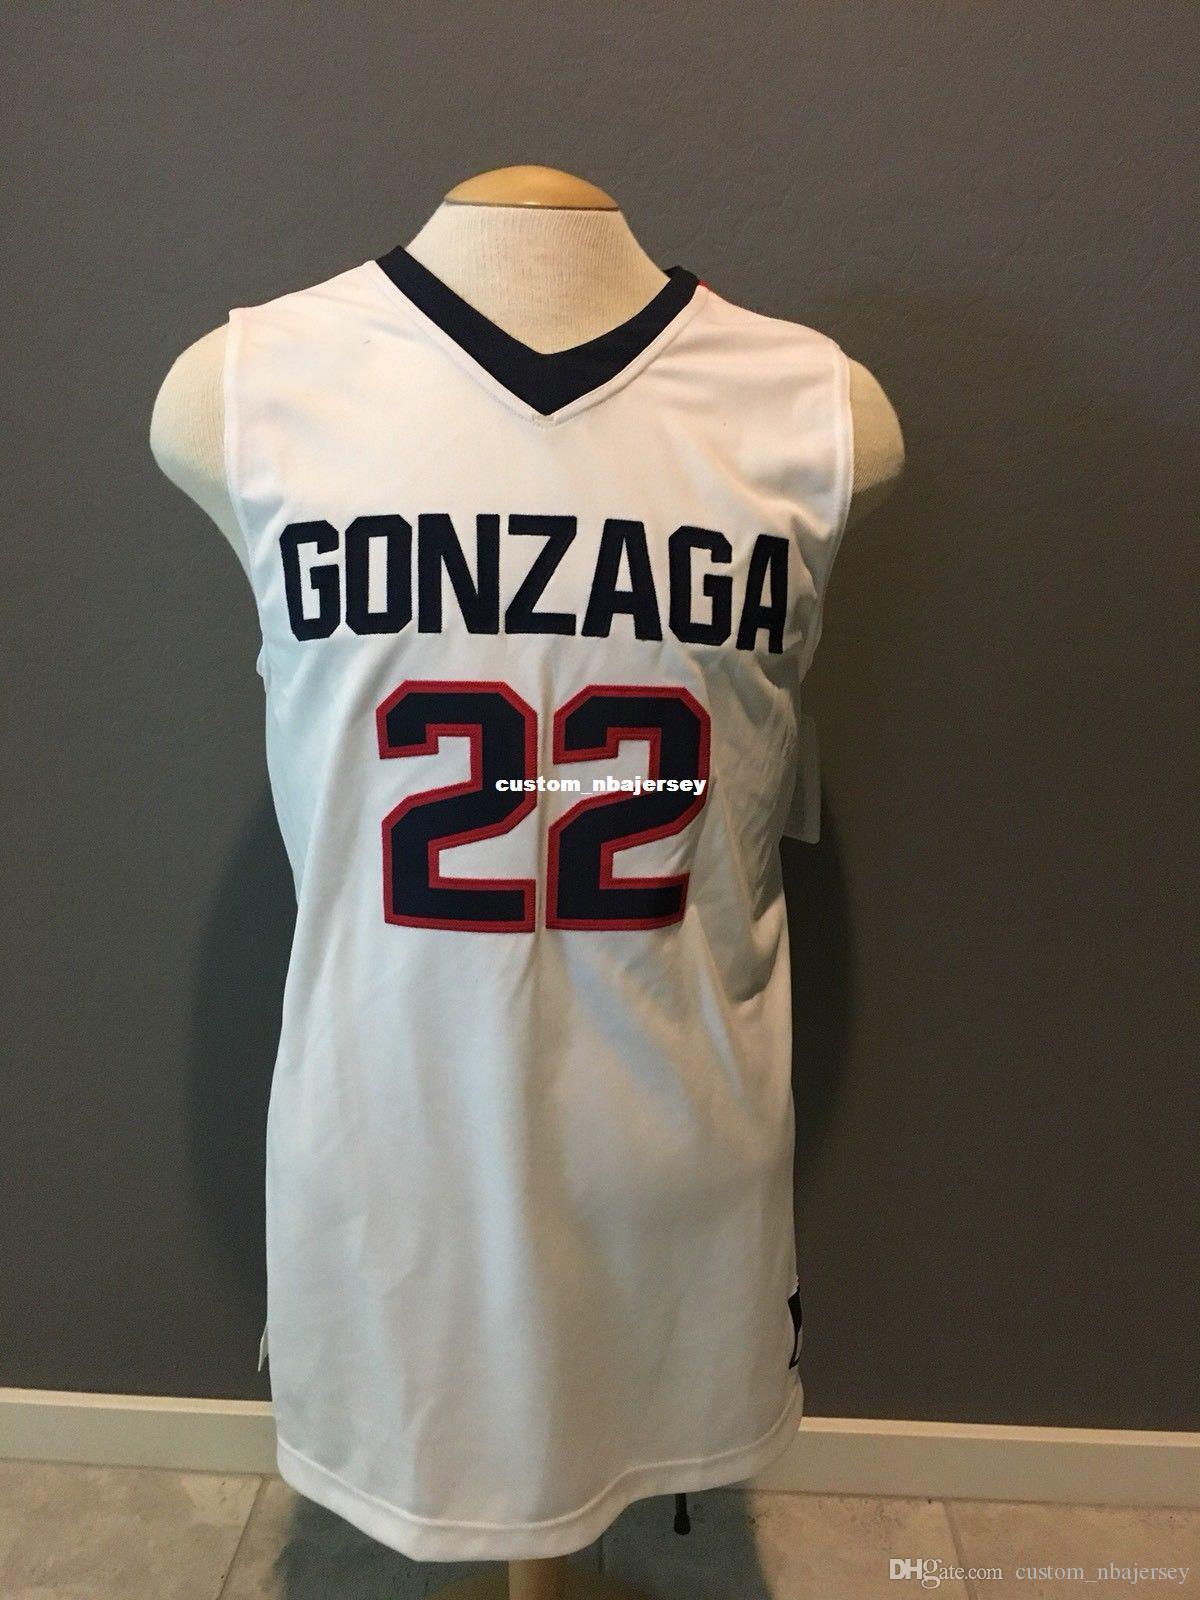 barato aduana NUEVO Gonzaga Bulldogs Basketball Jersey cosido Personalizar cualquier nombre número HOMBRES MUJERES JÓVENES XS-5XL